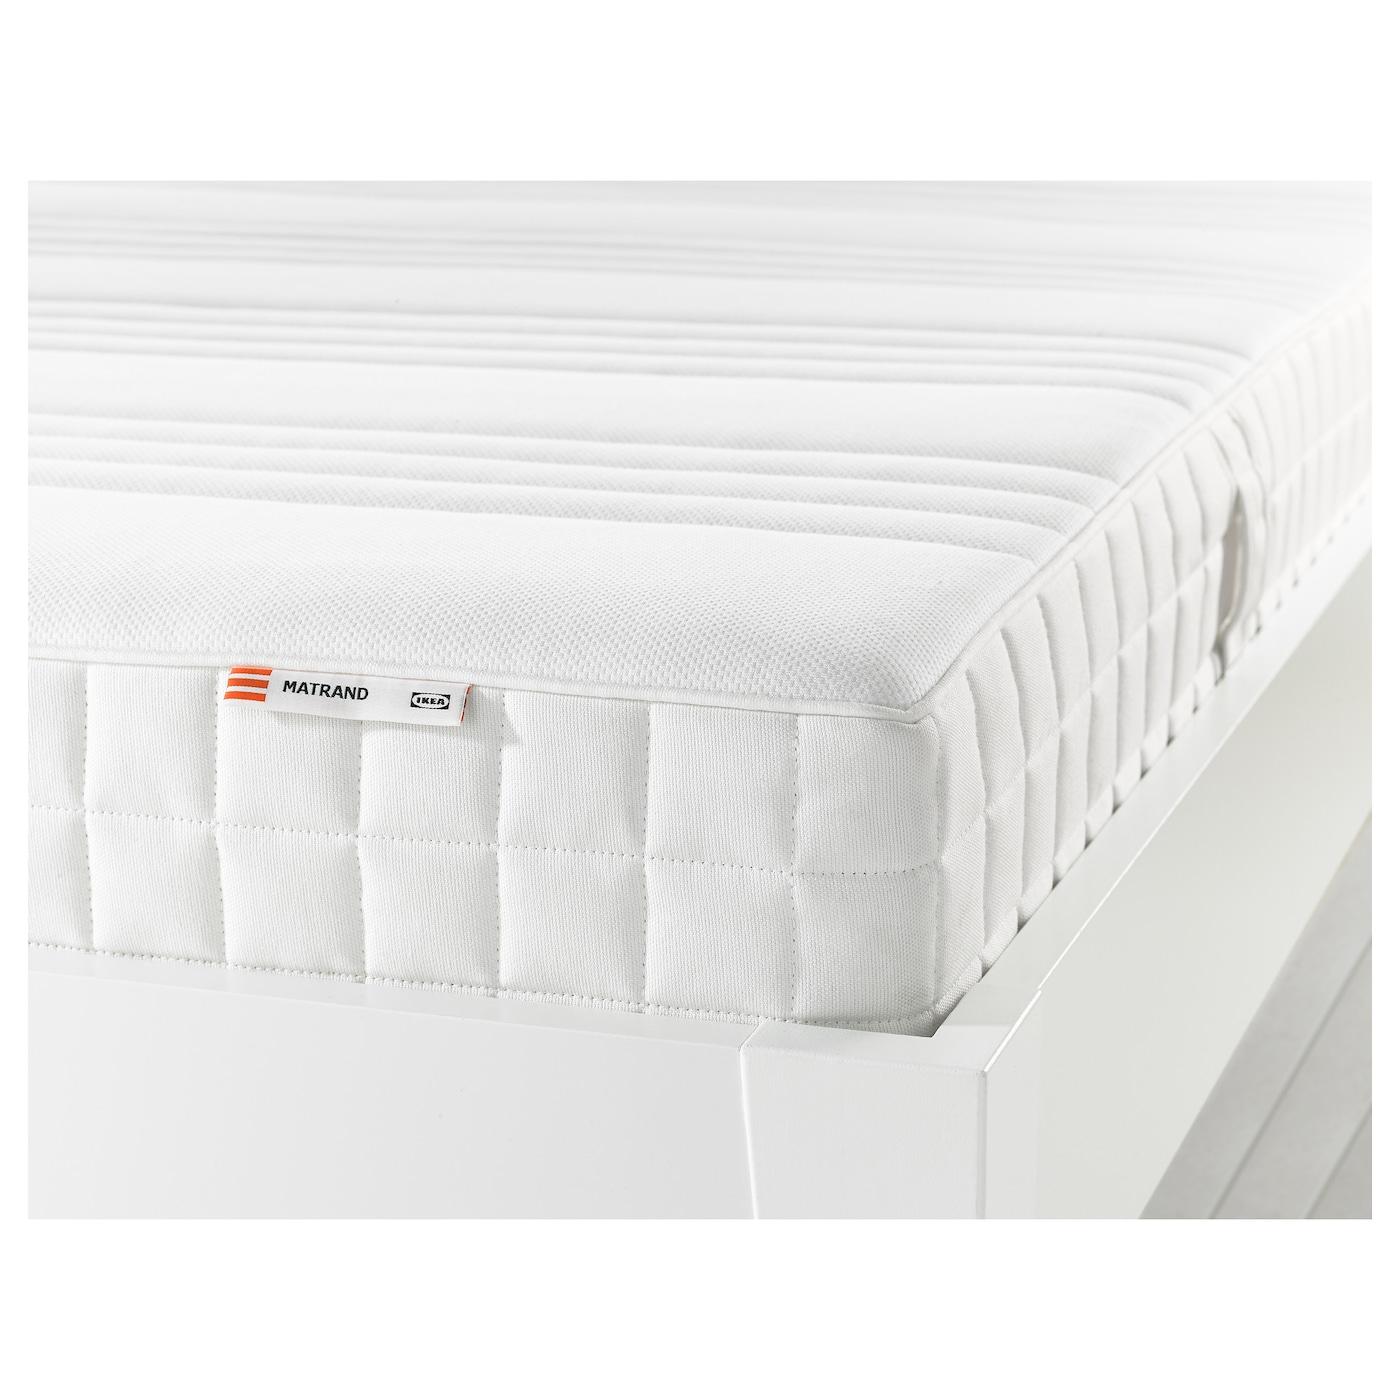 IKEA MATRAND, 80x200 cm, biały, twardy materac z pianki memory